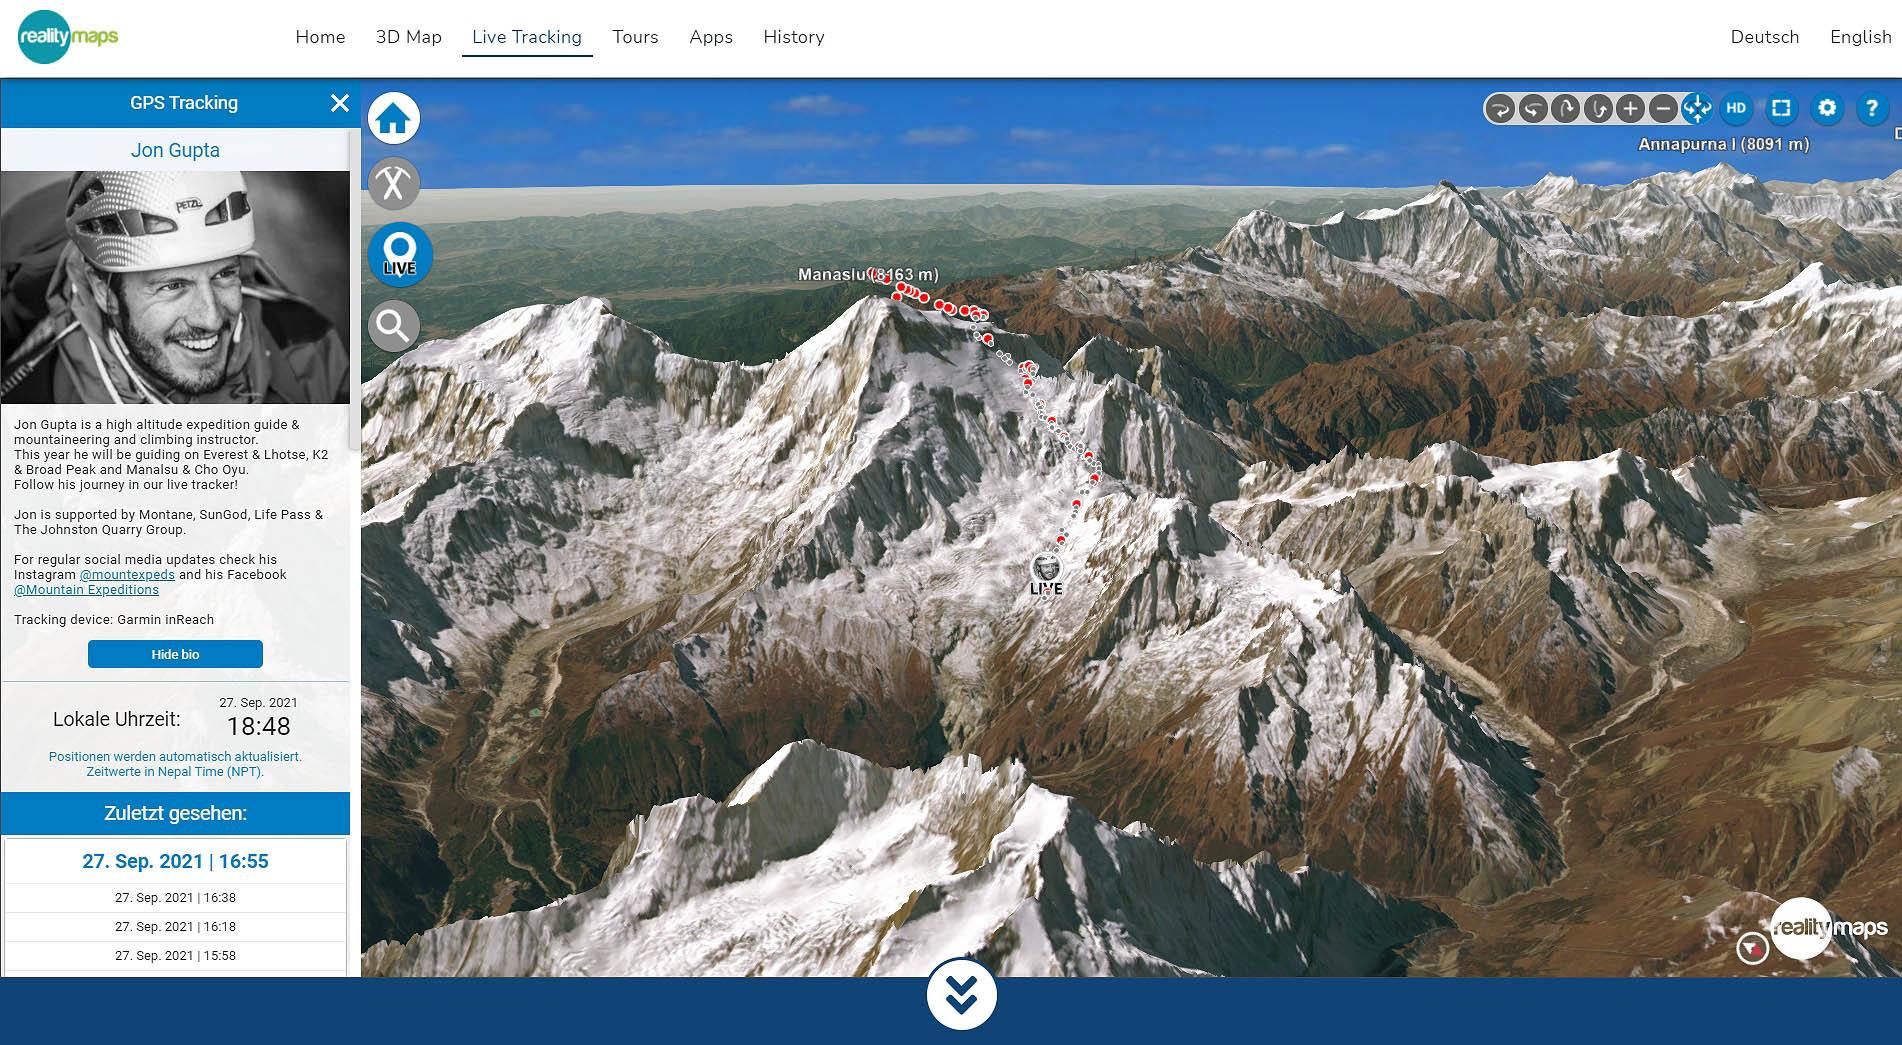 Jon Gupta am Manaslu (8163 m) erfolgreich